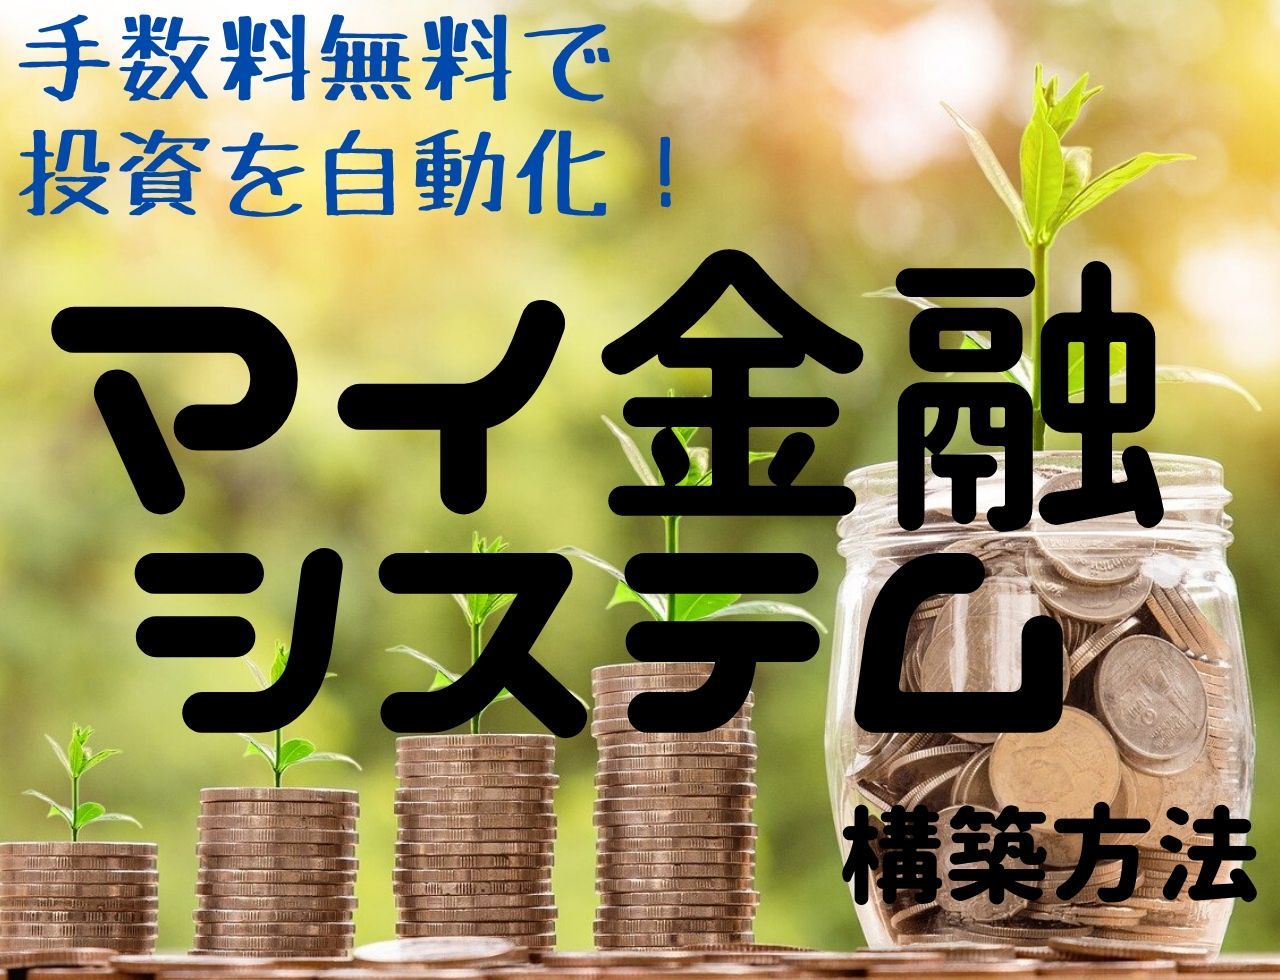 投資を自動化する「マイ金融システム」の作り方